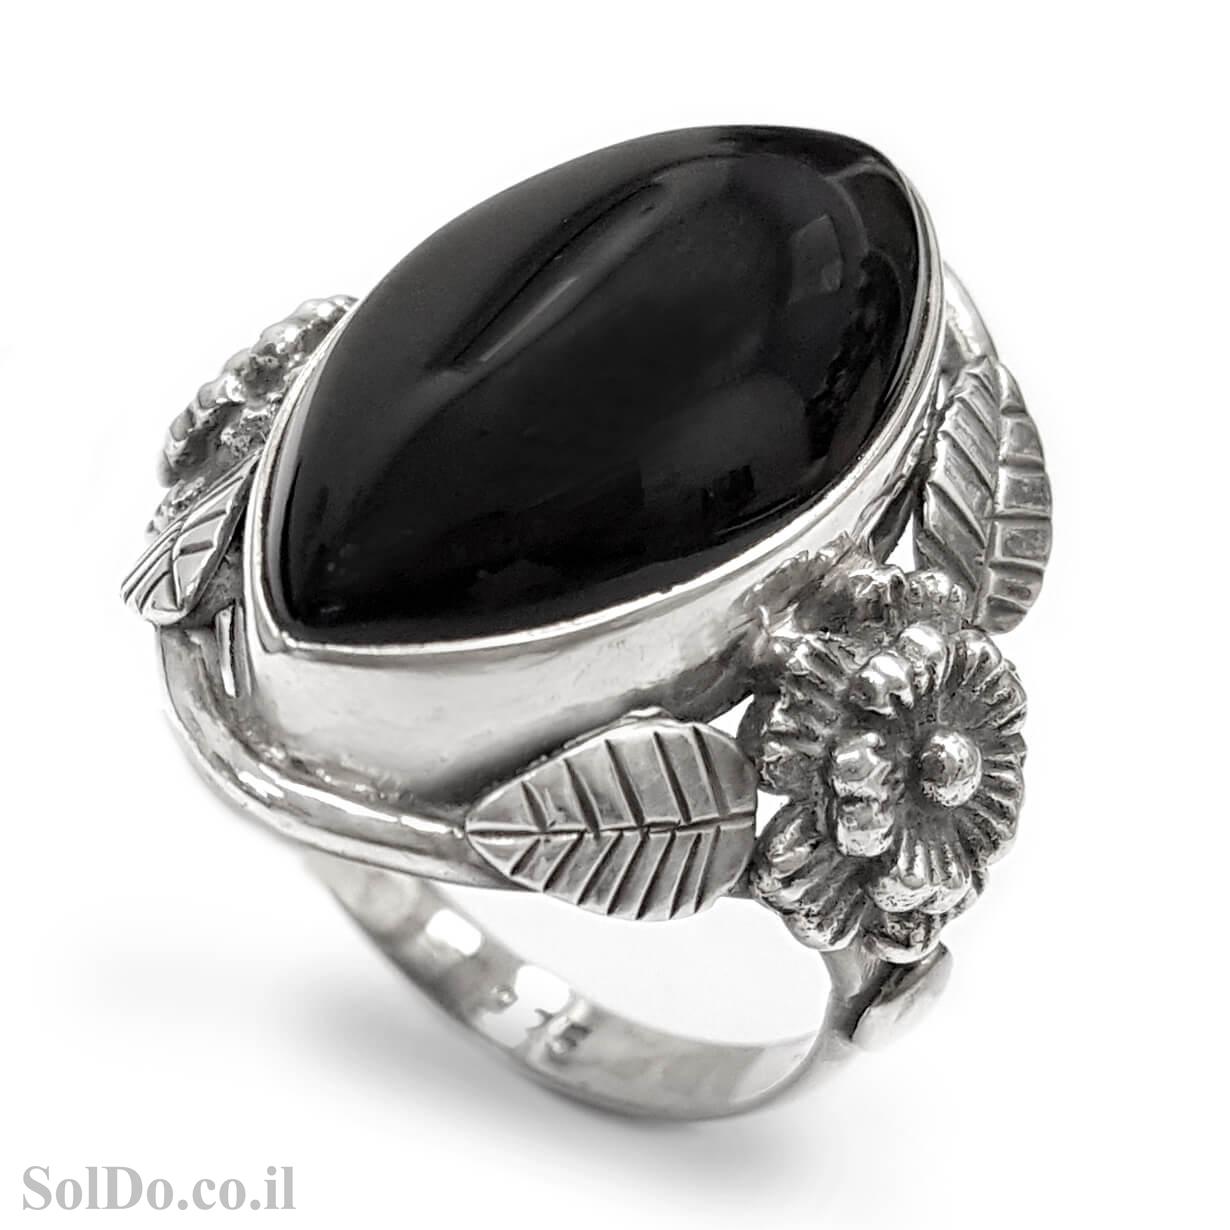 טבעת מכסף מעצבת משובצת אבן אוניקס שחורה  RG6047 | תכשיטי כסף 925